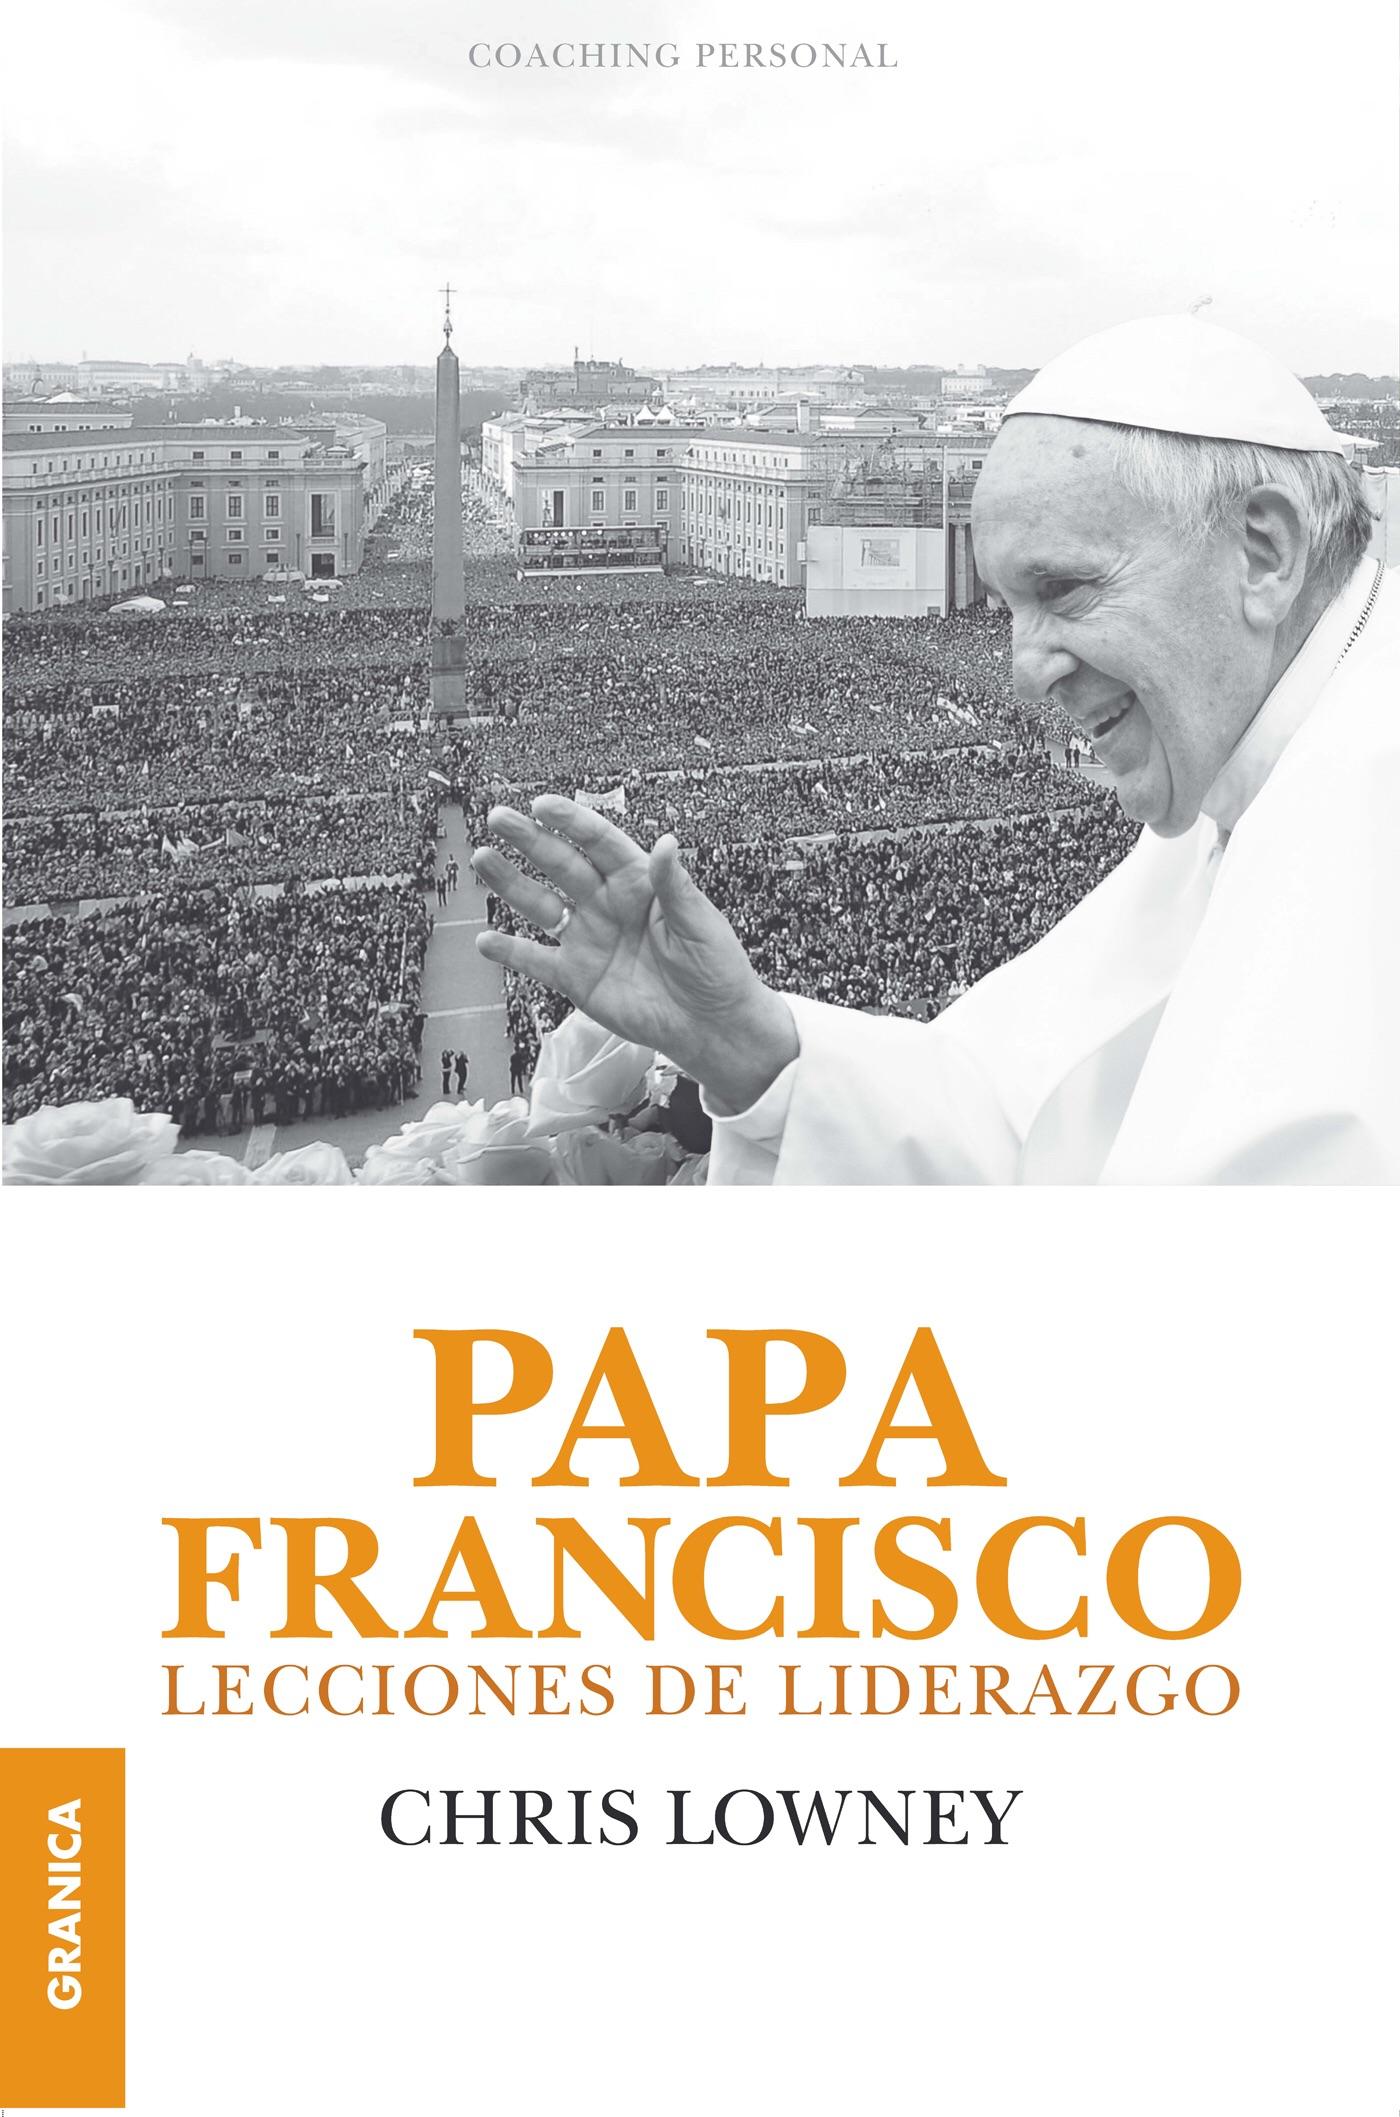 Papa Francisco: Lecciones de liderazgo